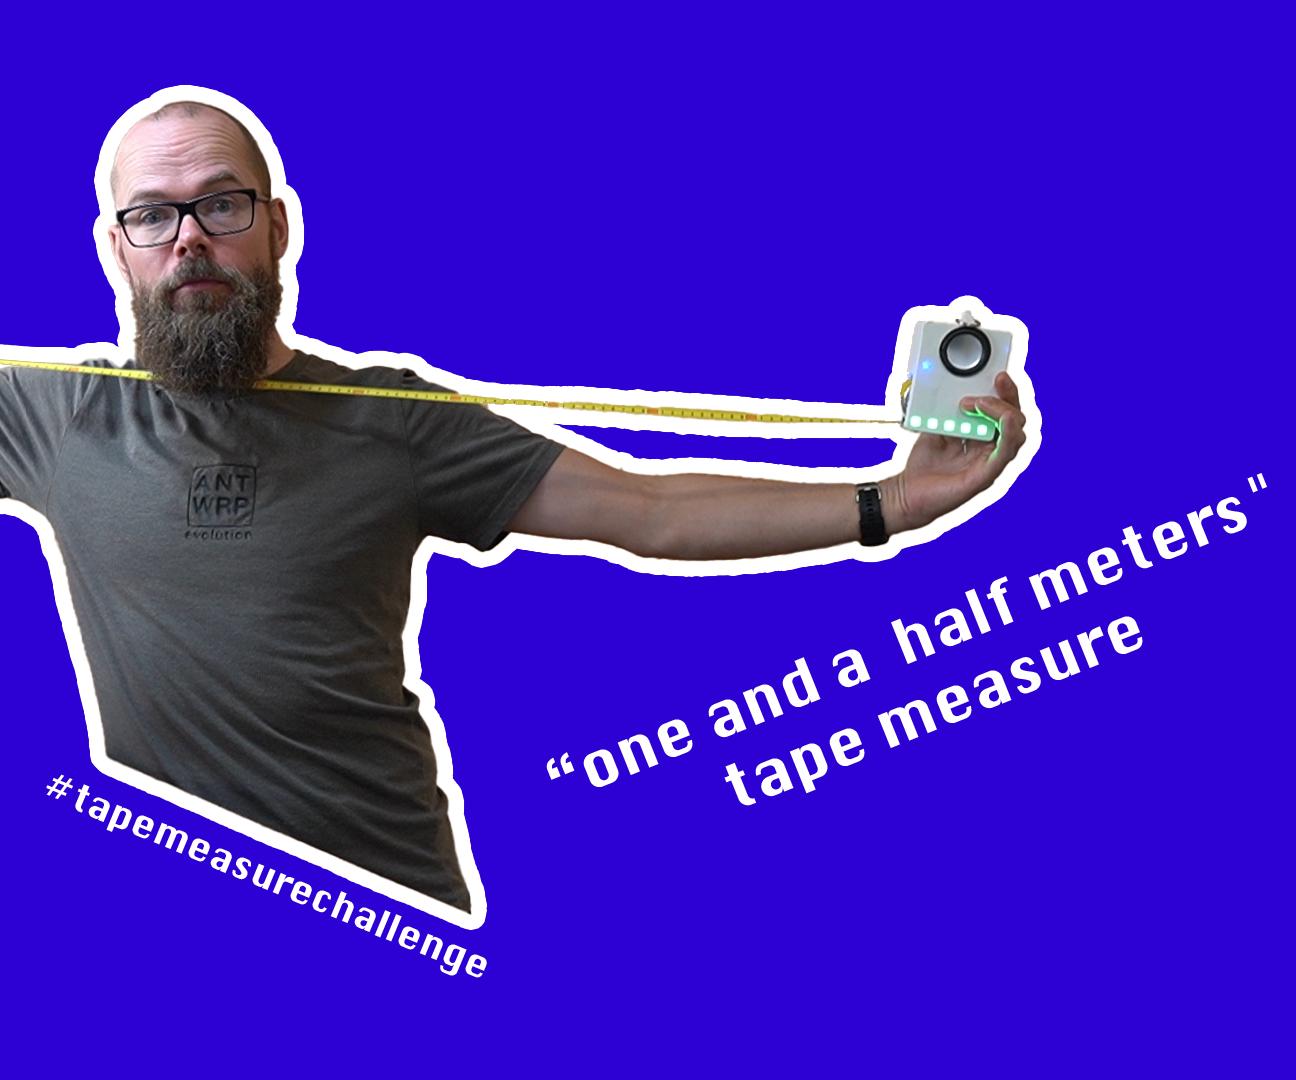 1.50m Social Distancing Tape Measure